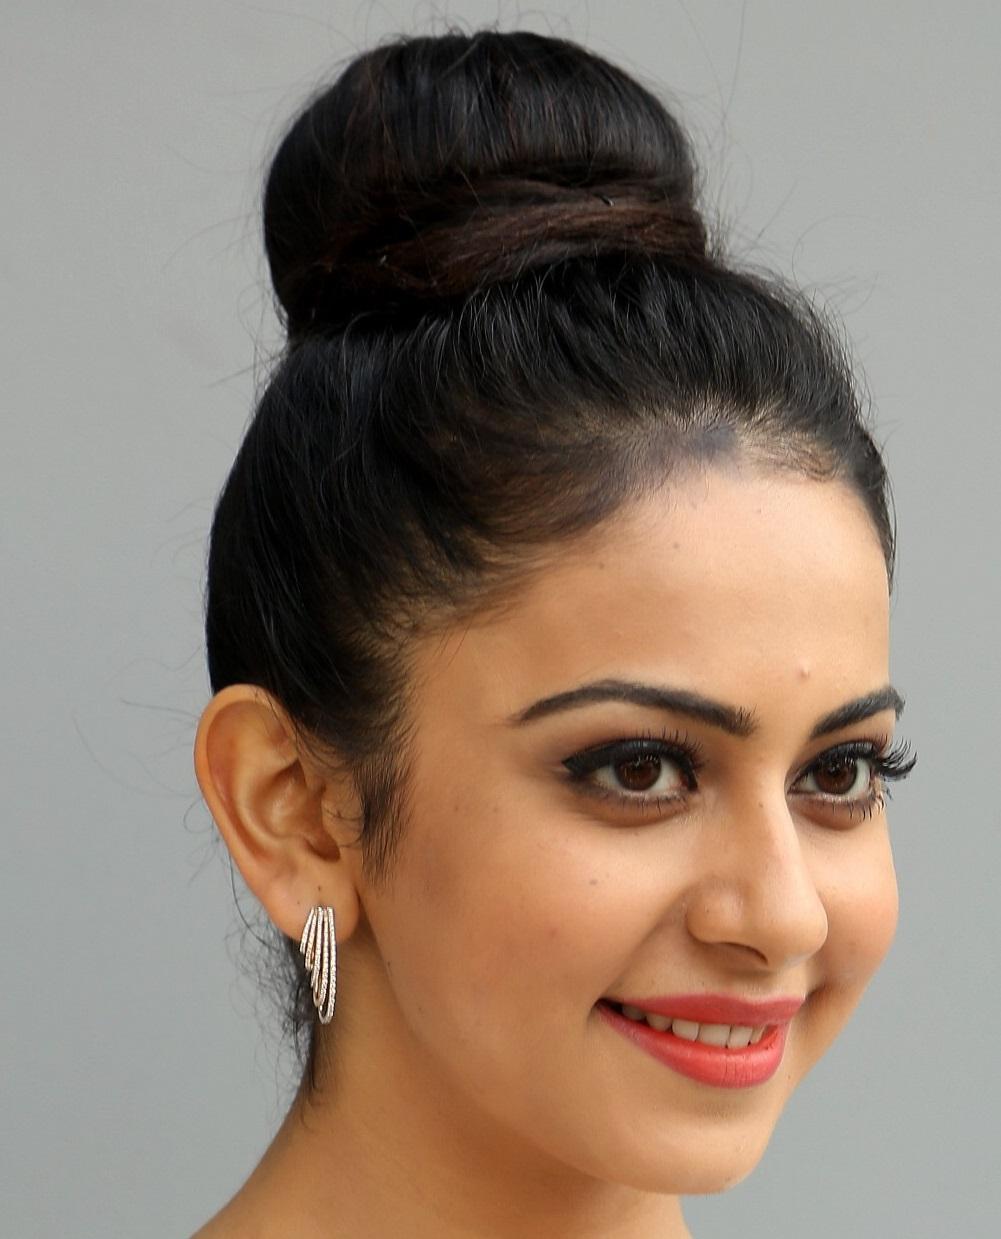 Rakul Preet Singh Face Close Up Beautiful Hair Style Stills ❤ ❤  ❤